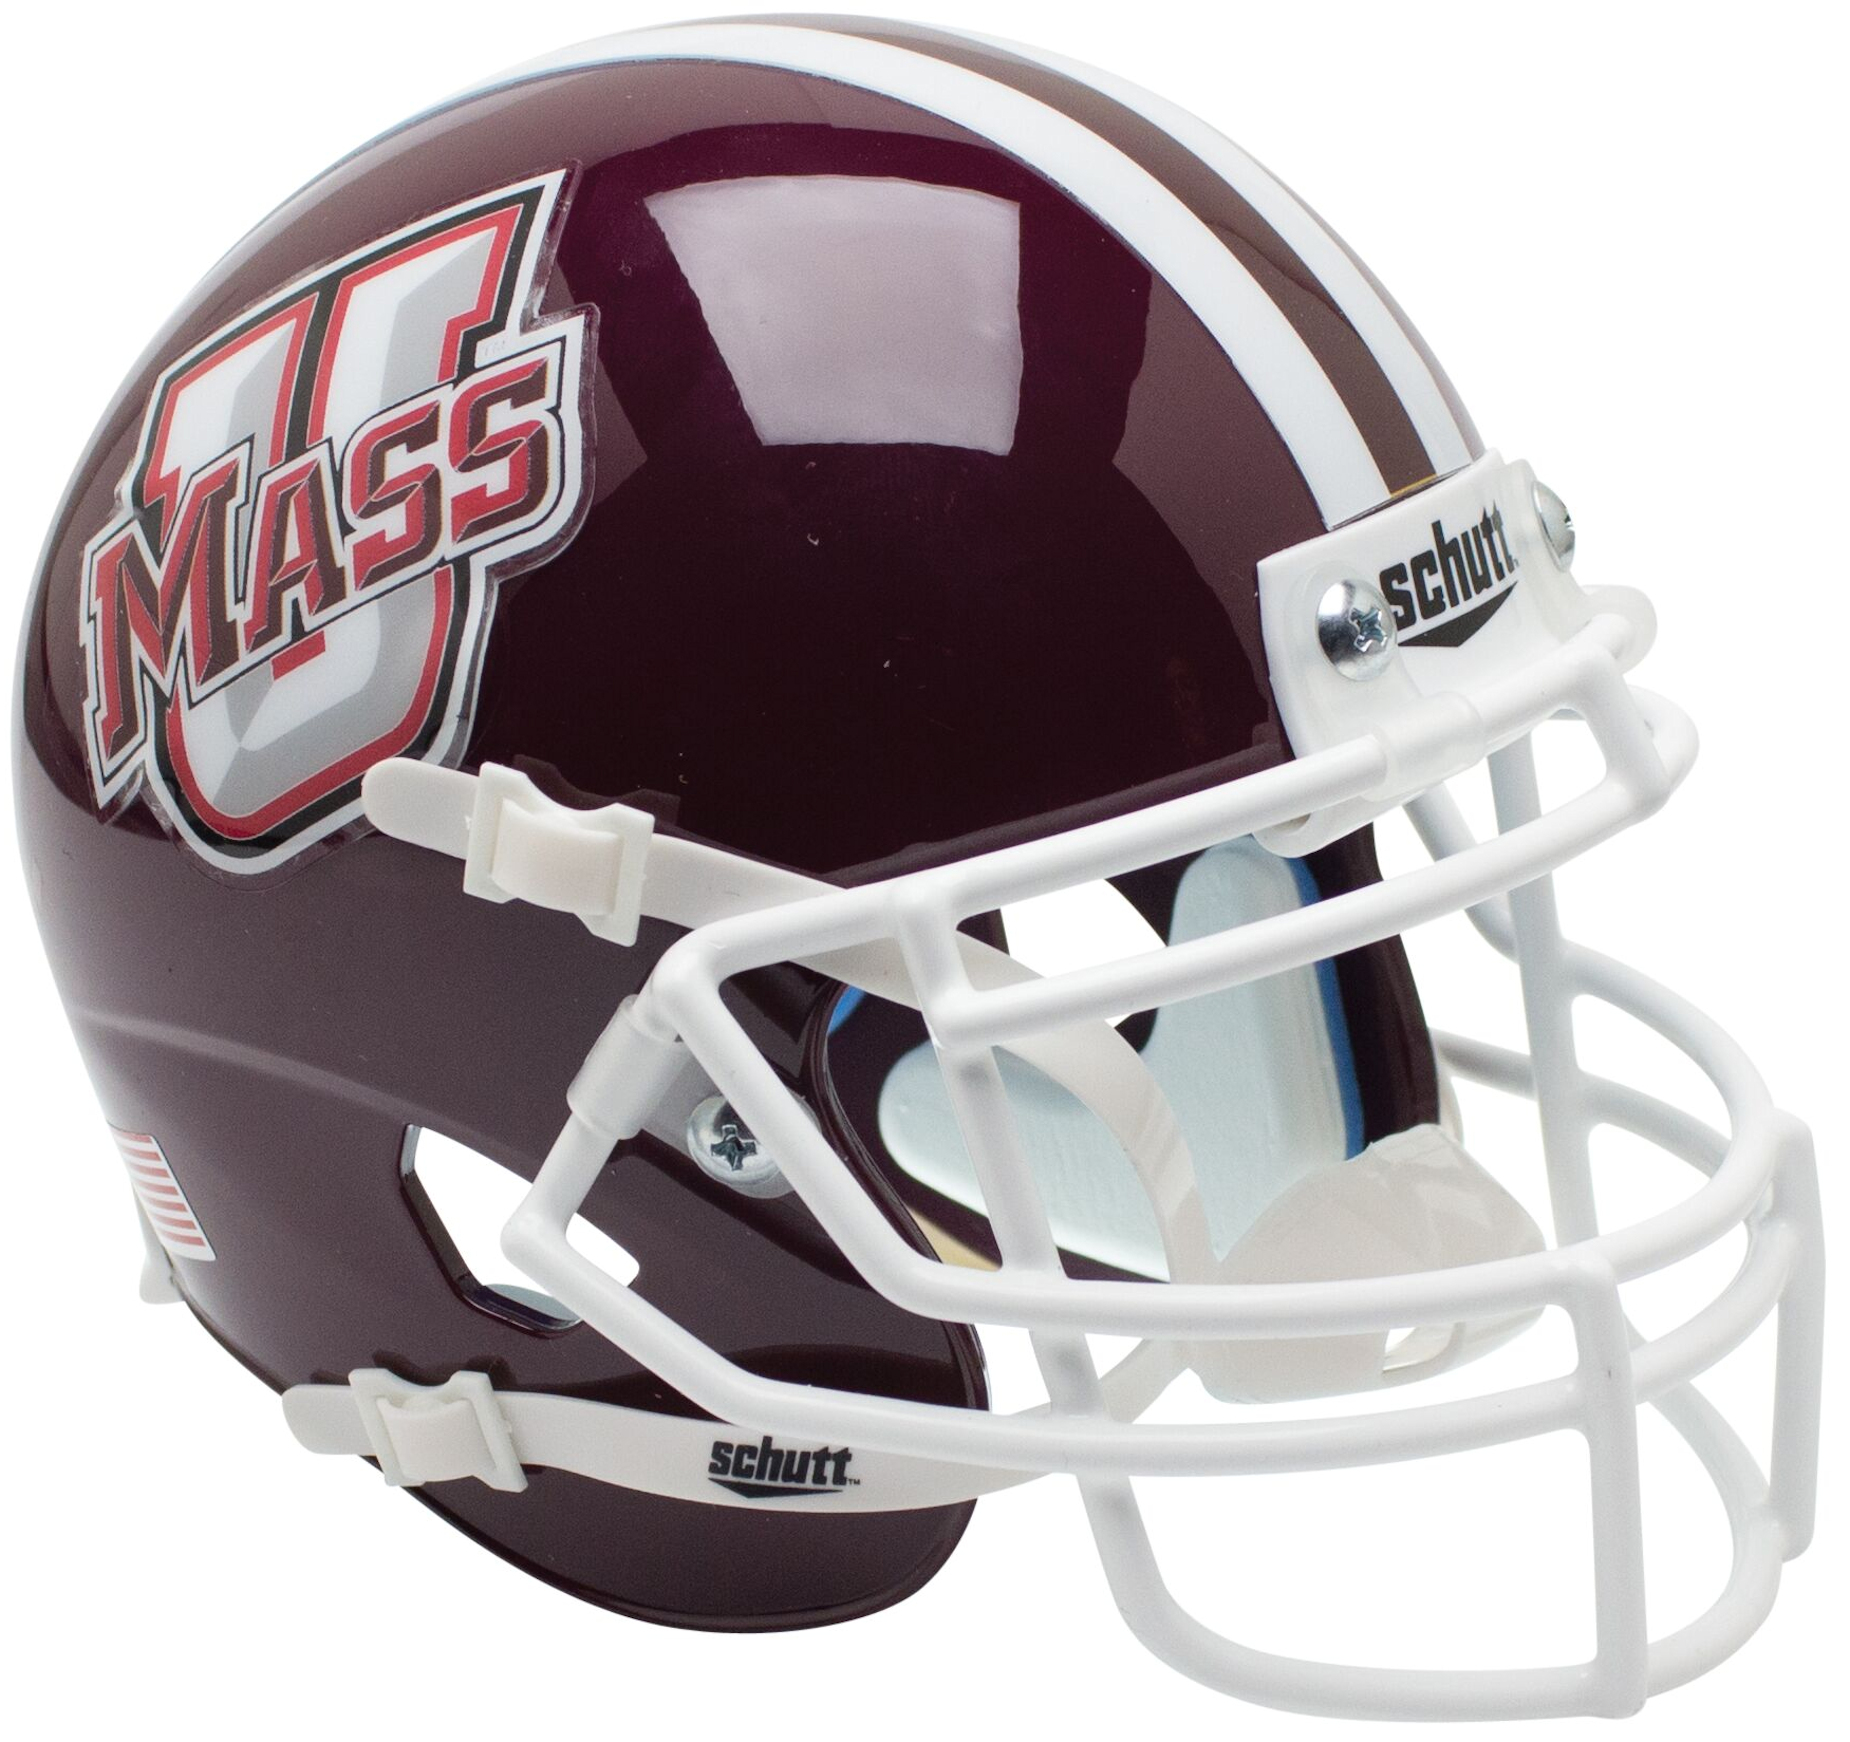 U Mass Minutemen Authentic College XP Football Helmet Schutt <B>Stripe</B>